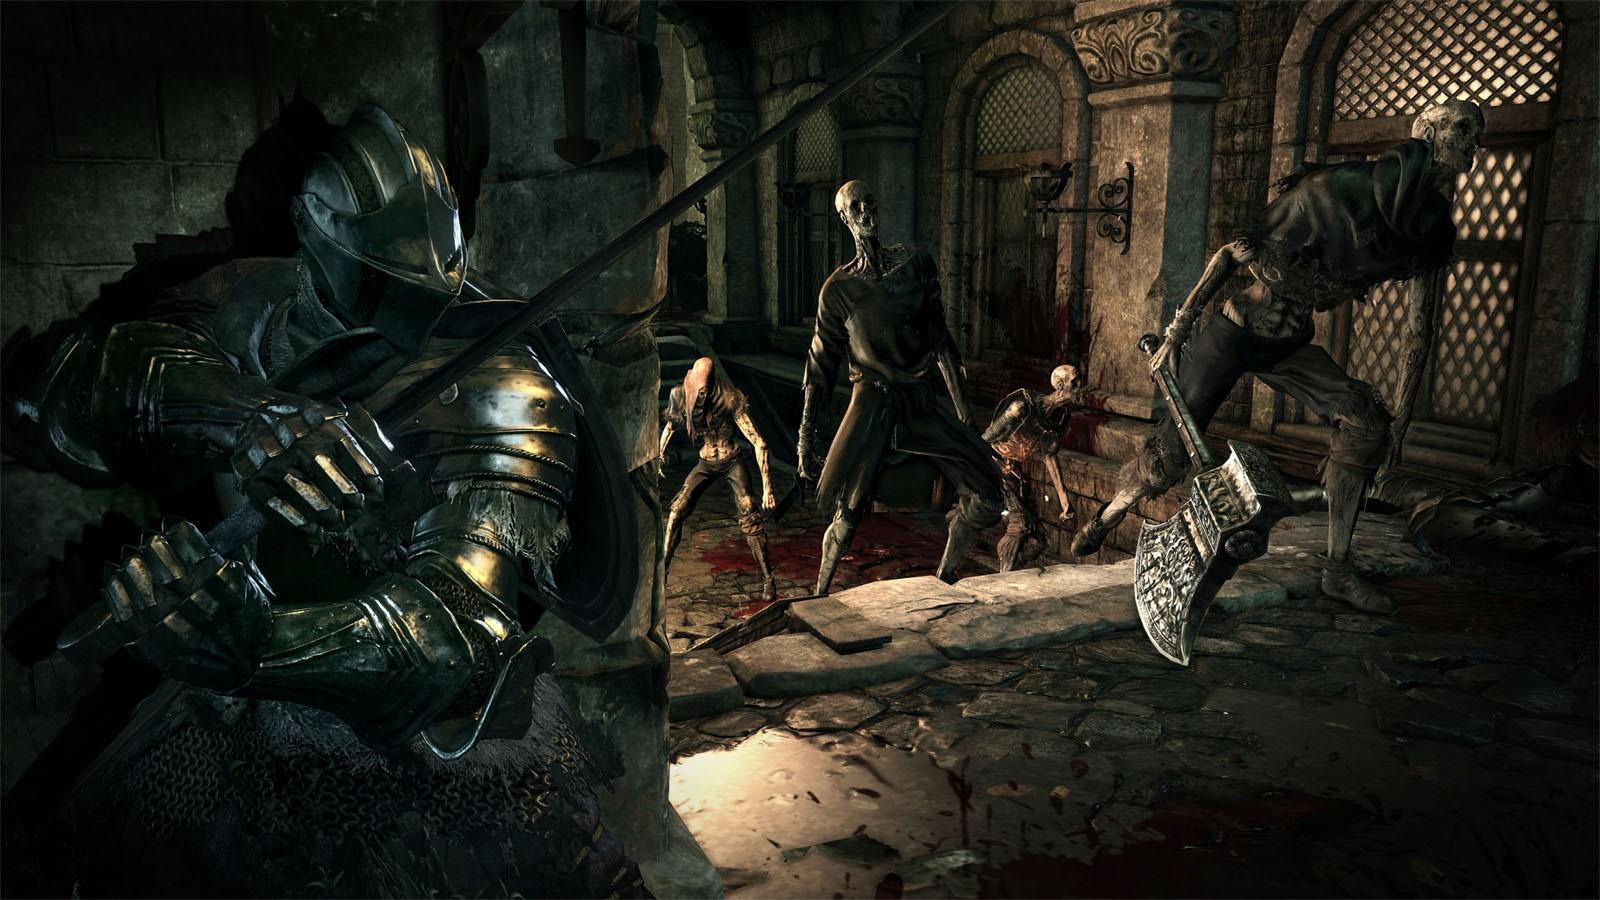 Playstore üzerindeki Tekken 7 ve Dark Souls III gibi birçok video oyunu indirime girdi